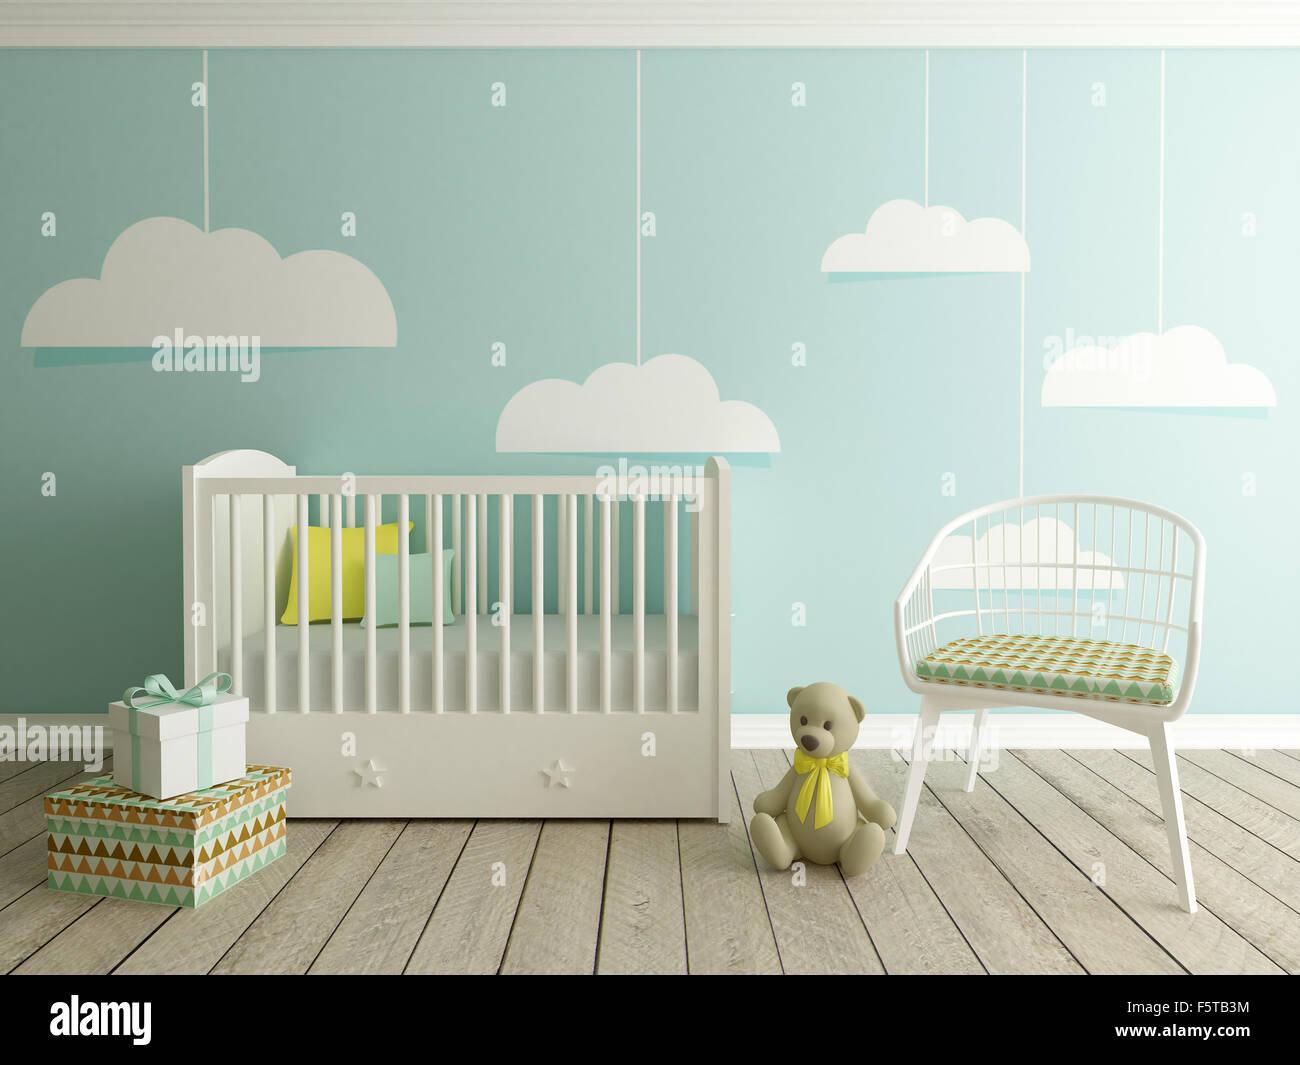 Exterior: Children Room Interior, Baby Room, 3d Render Stock Photo